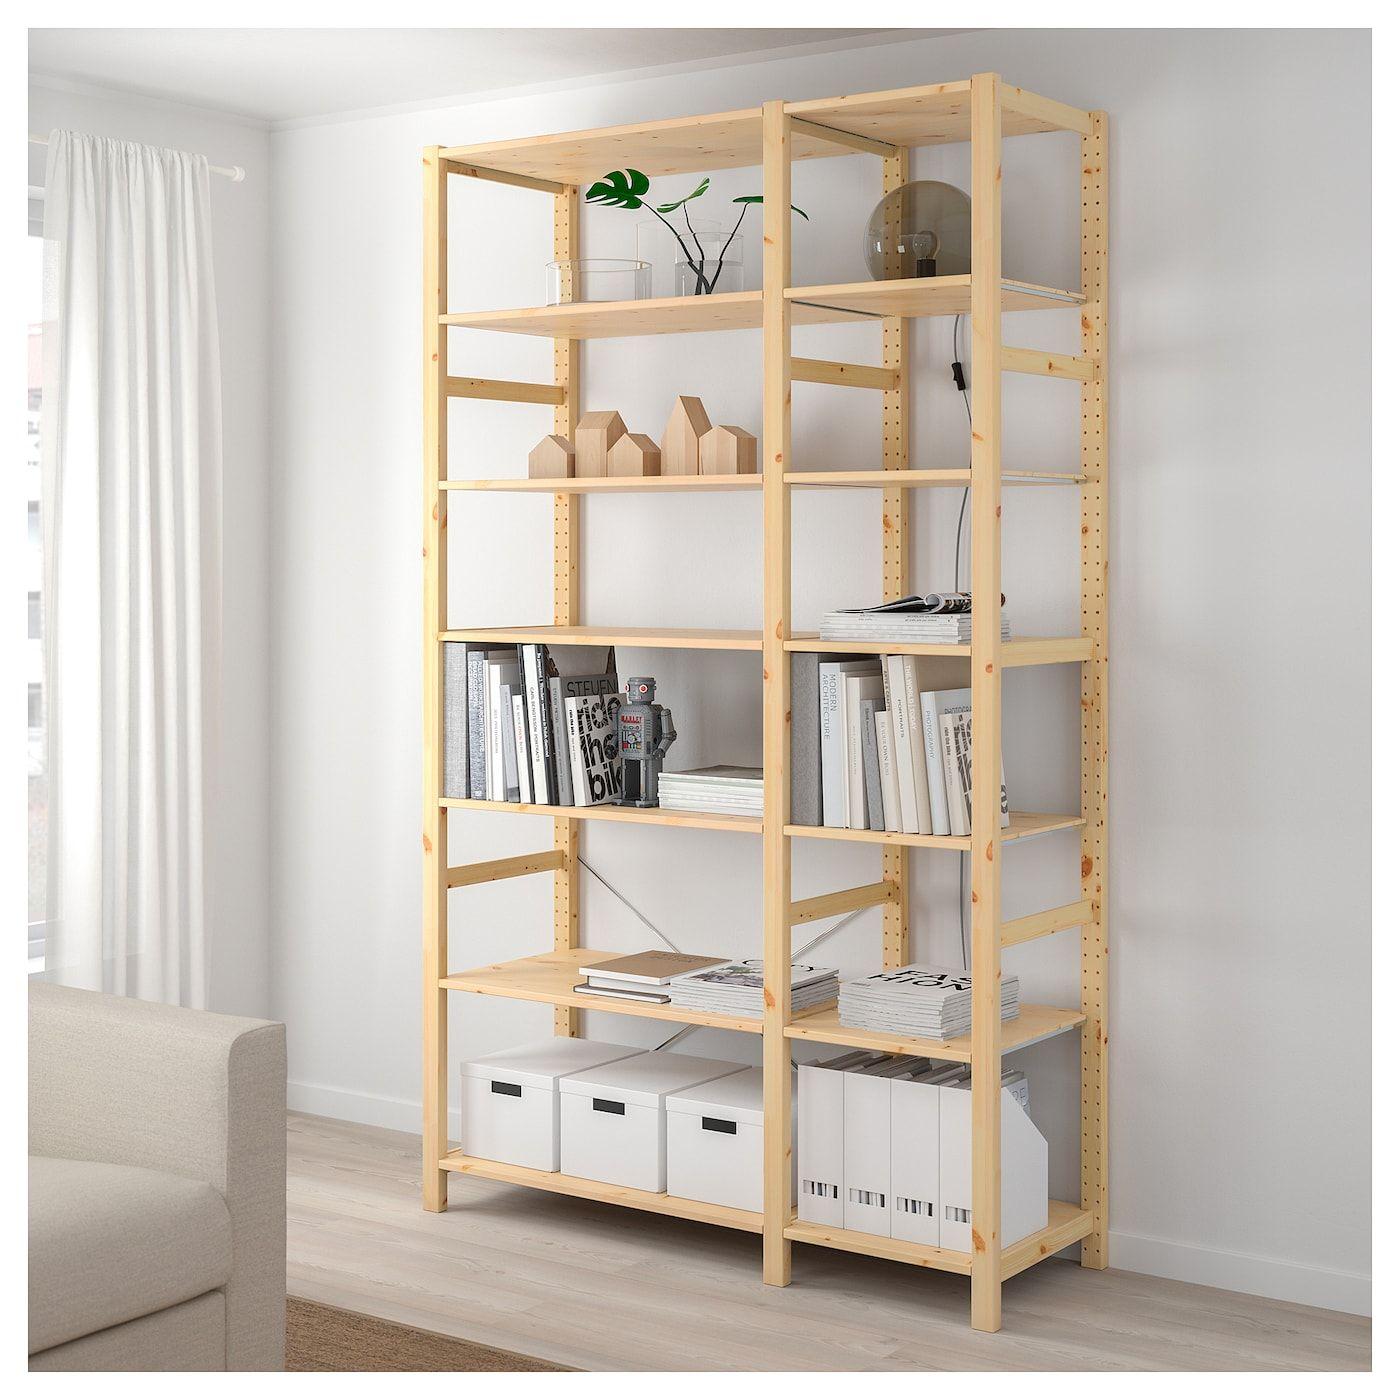 Ikea Scaffali Legno Ivar ivar 2 sezioni/ripiani - pino 134x50x226 cm | idee ikea